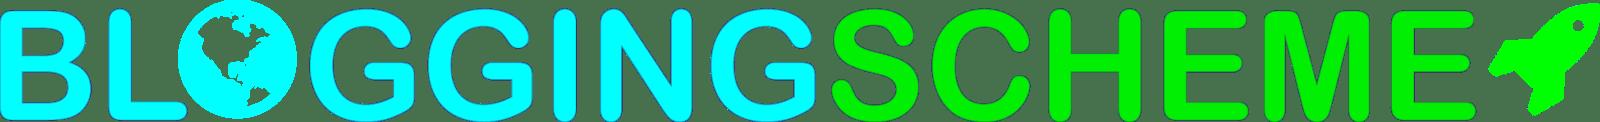 Blogging Scheme